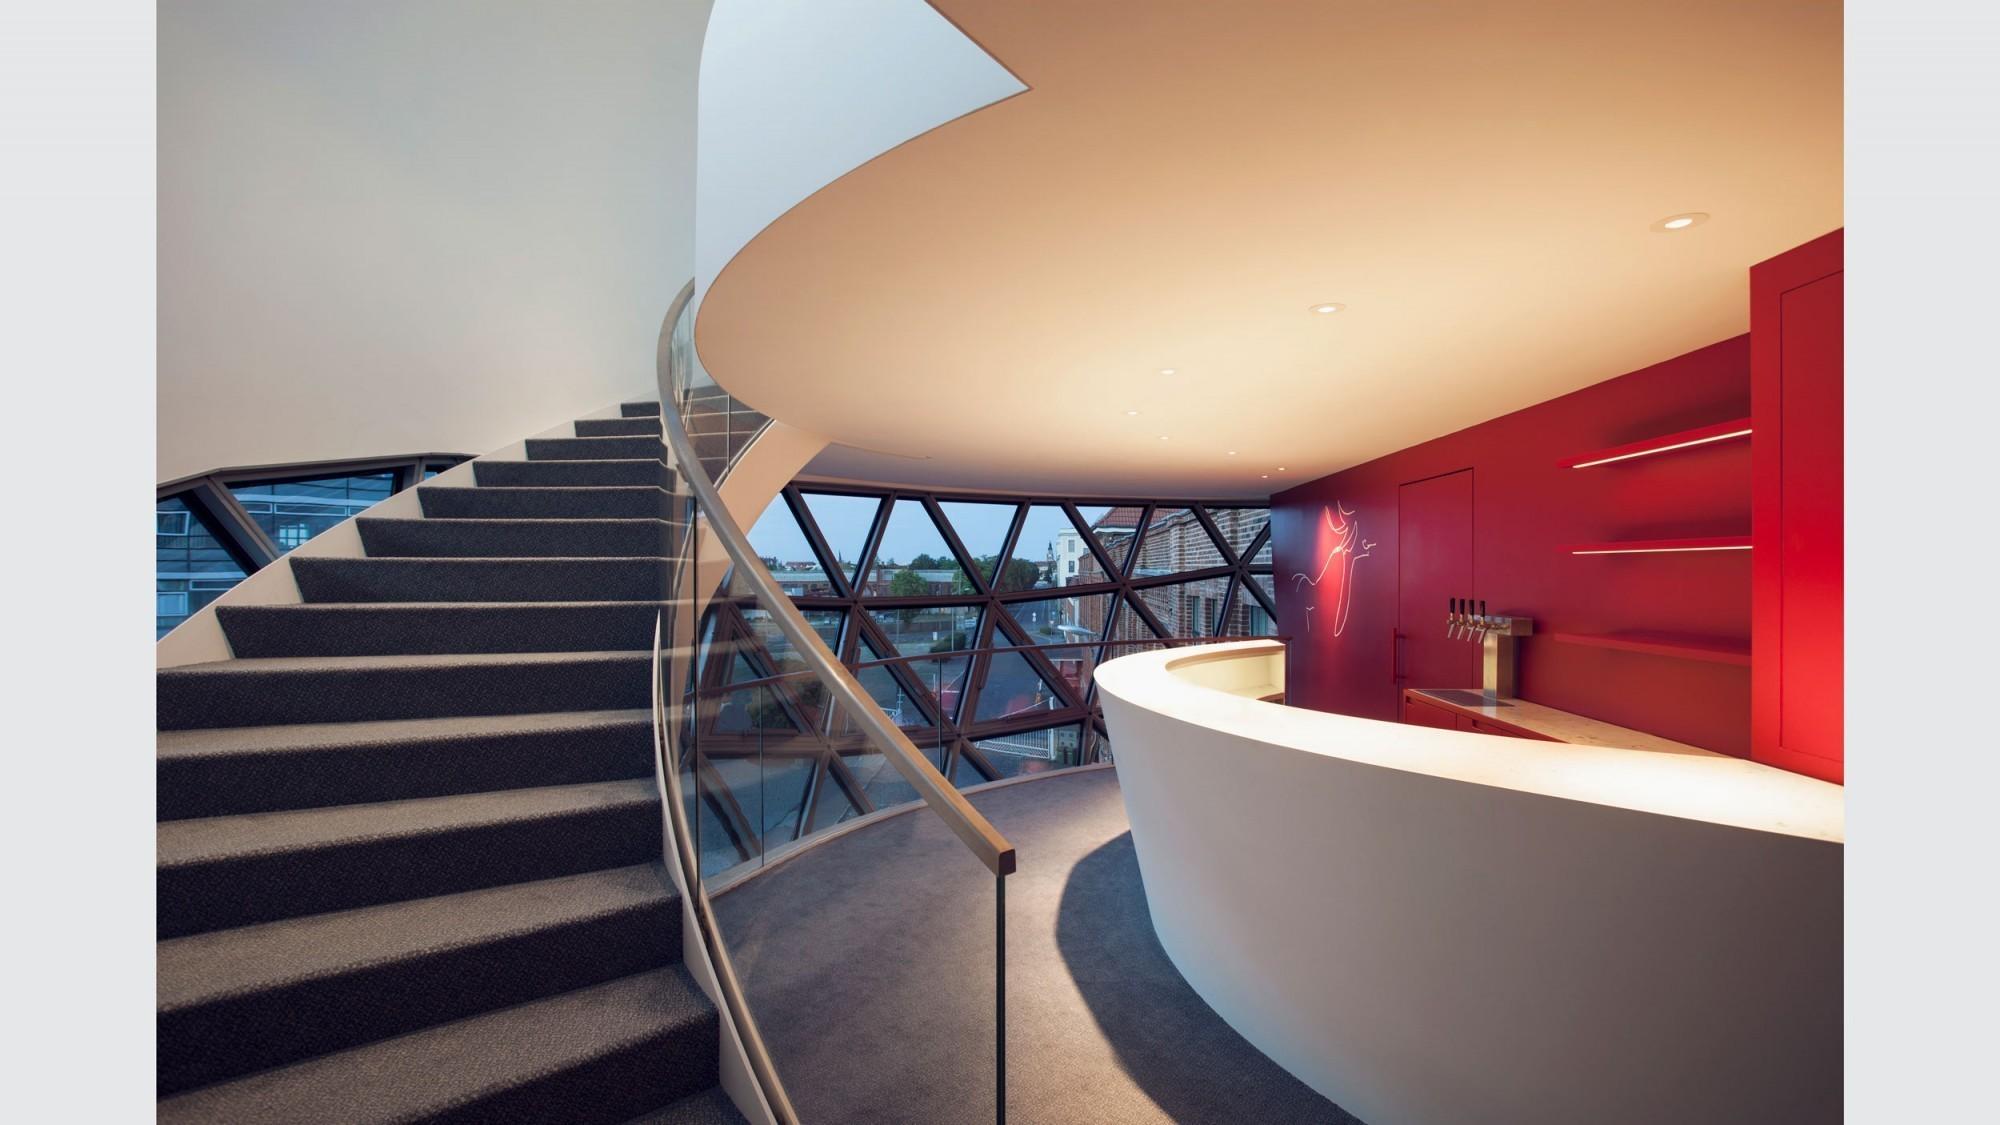 Un comptoir de bar est situé à l'étage inférieur de la sphère.